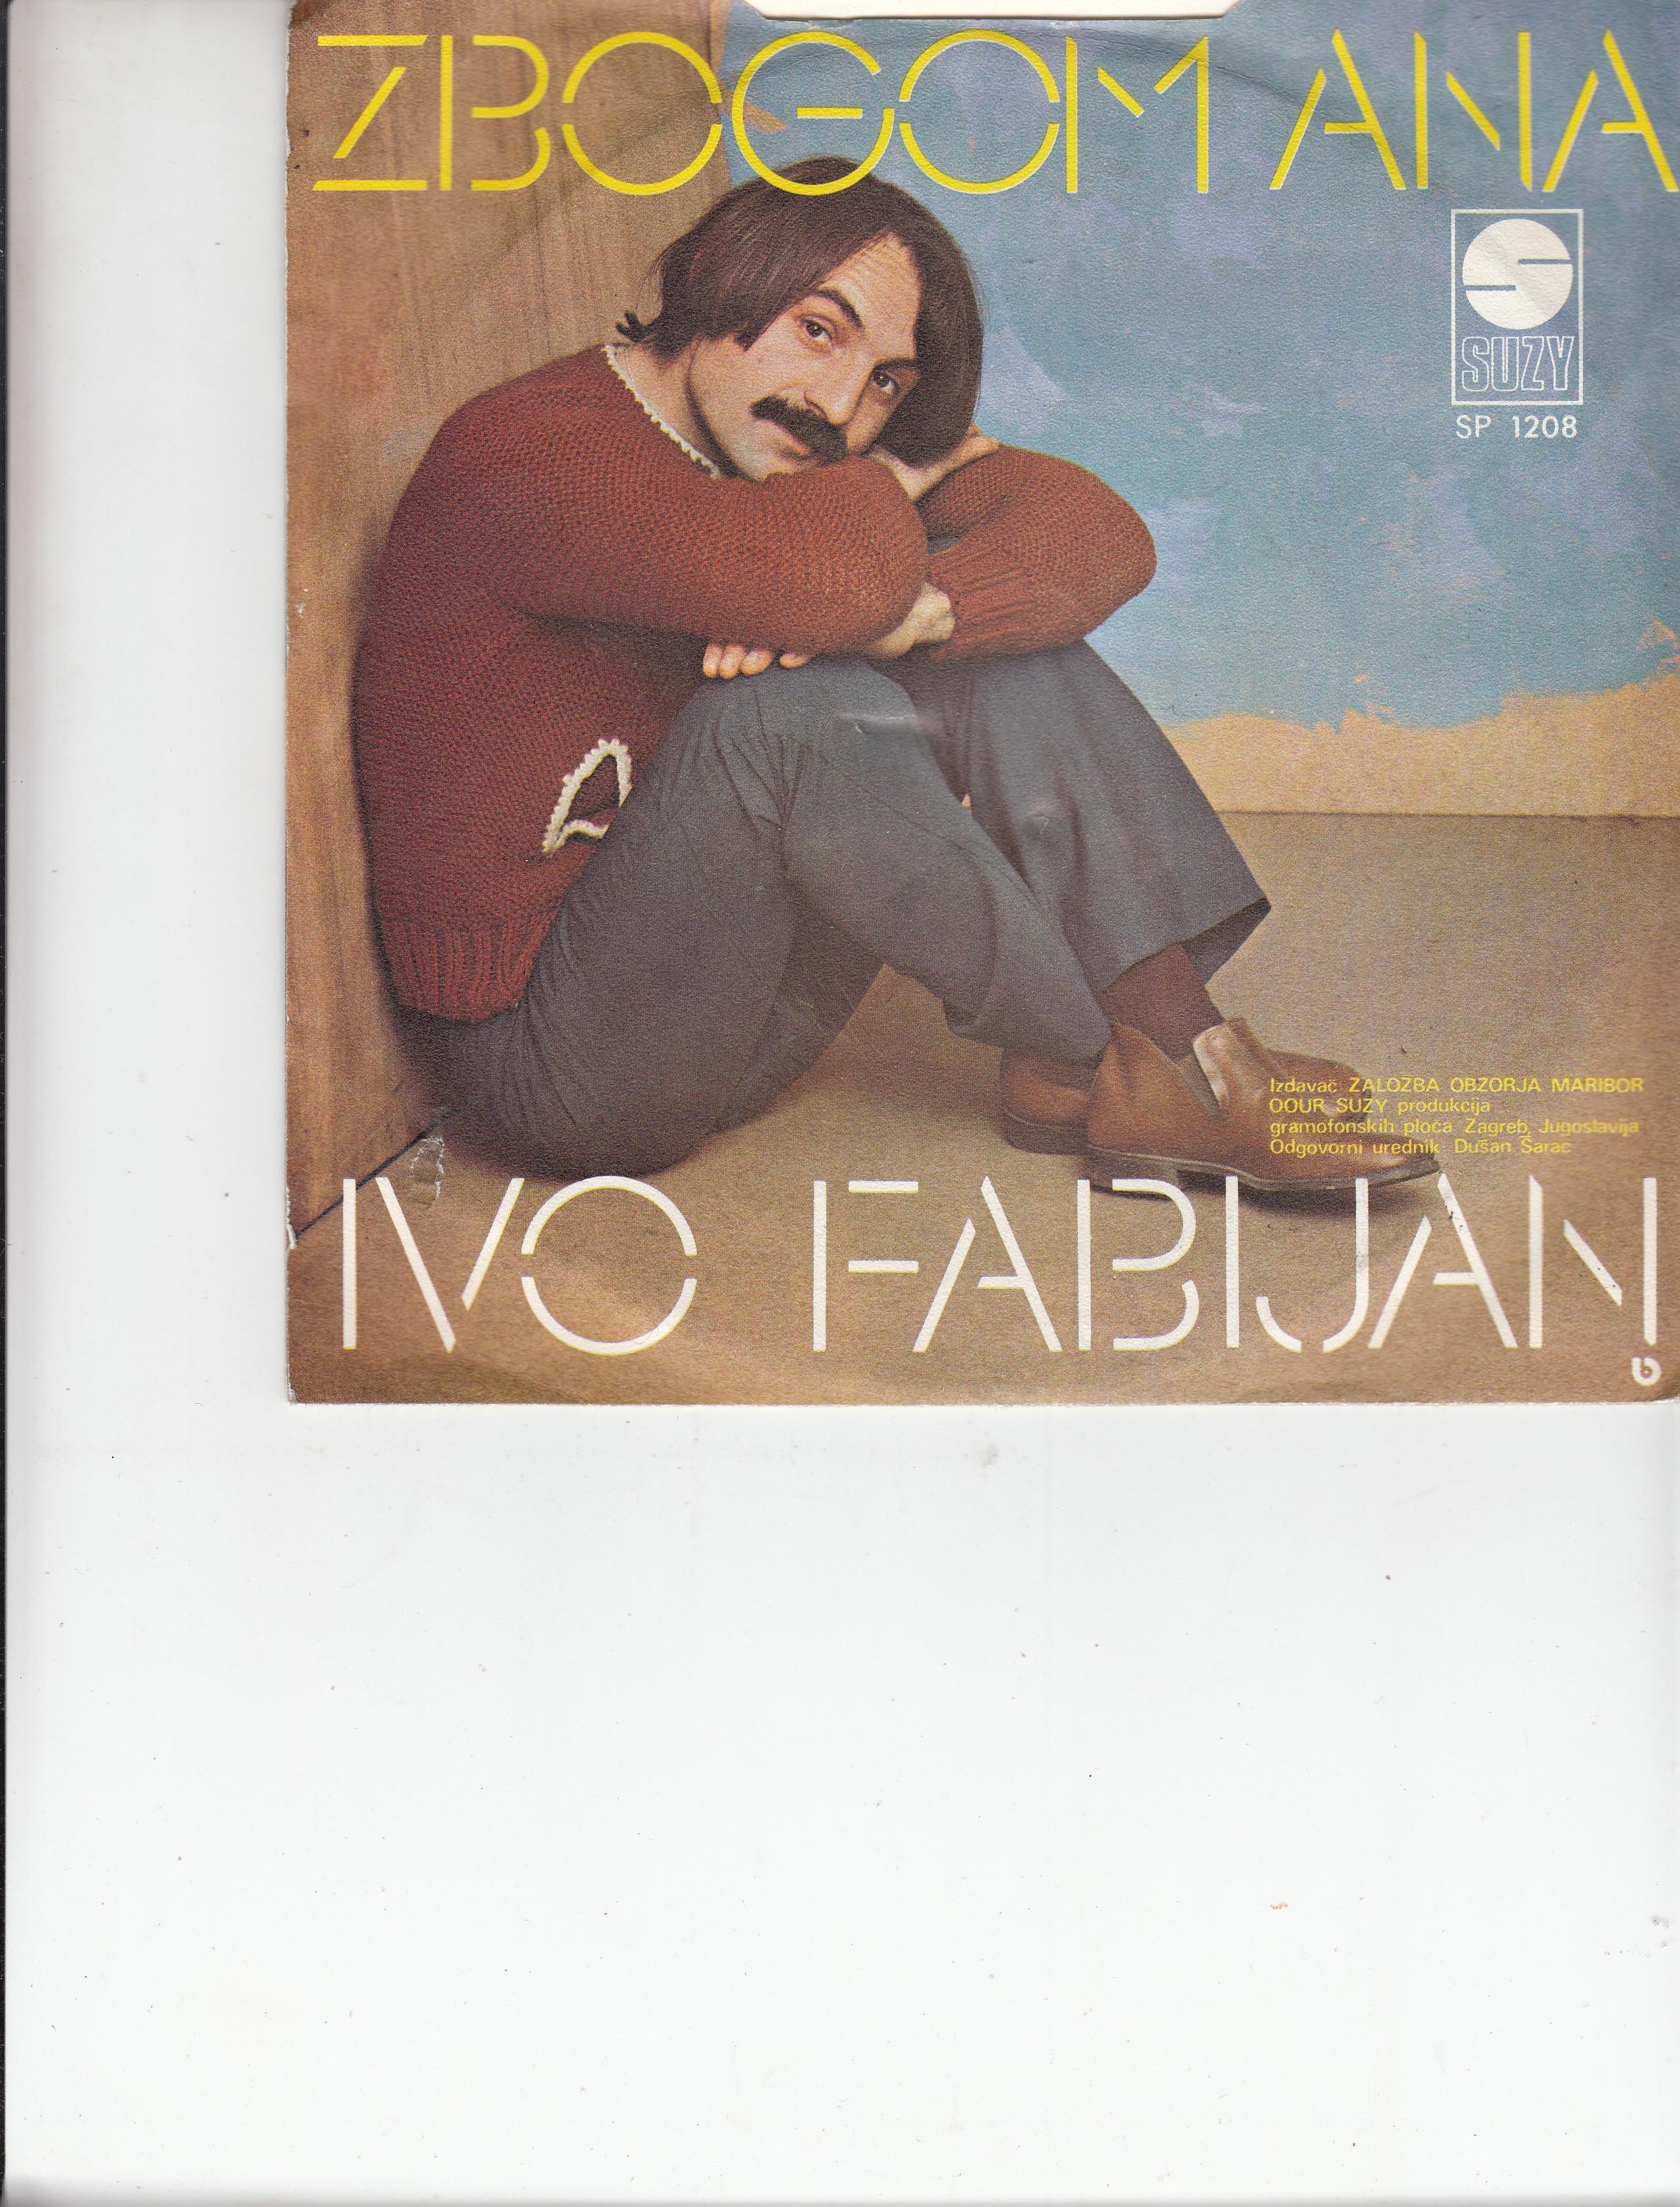 Fabijan Ivo - Podstanar/zbogom Ana